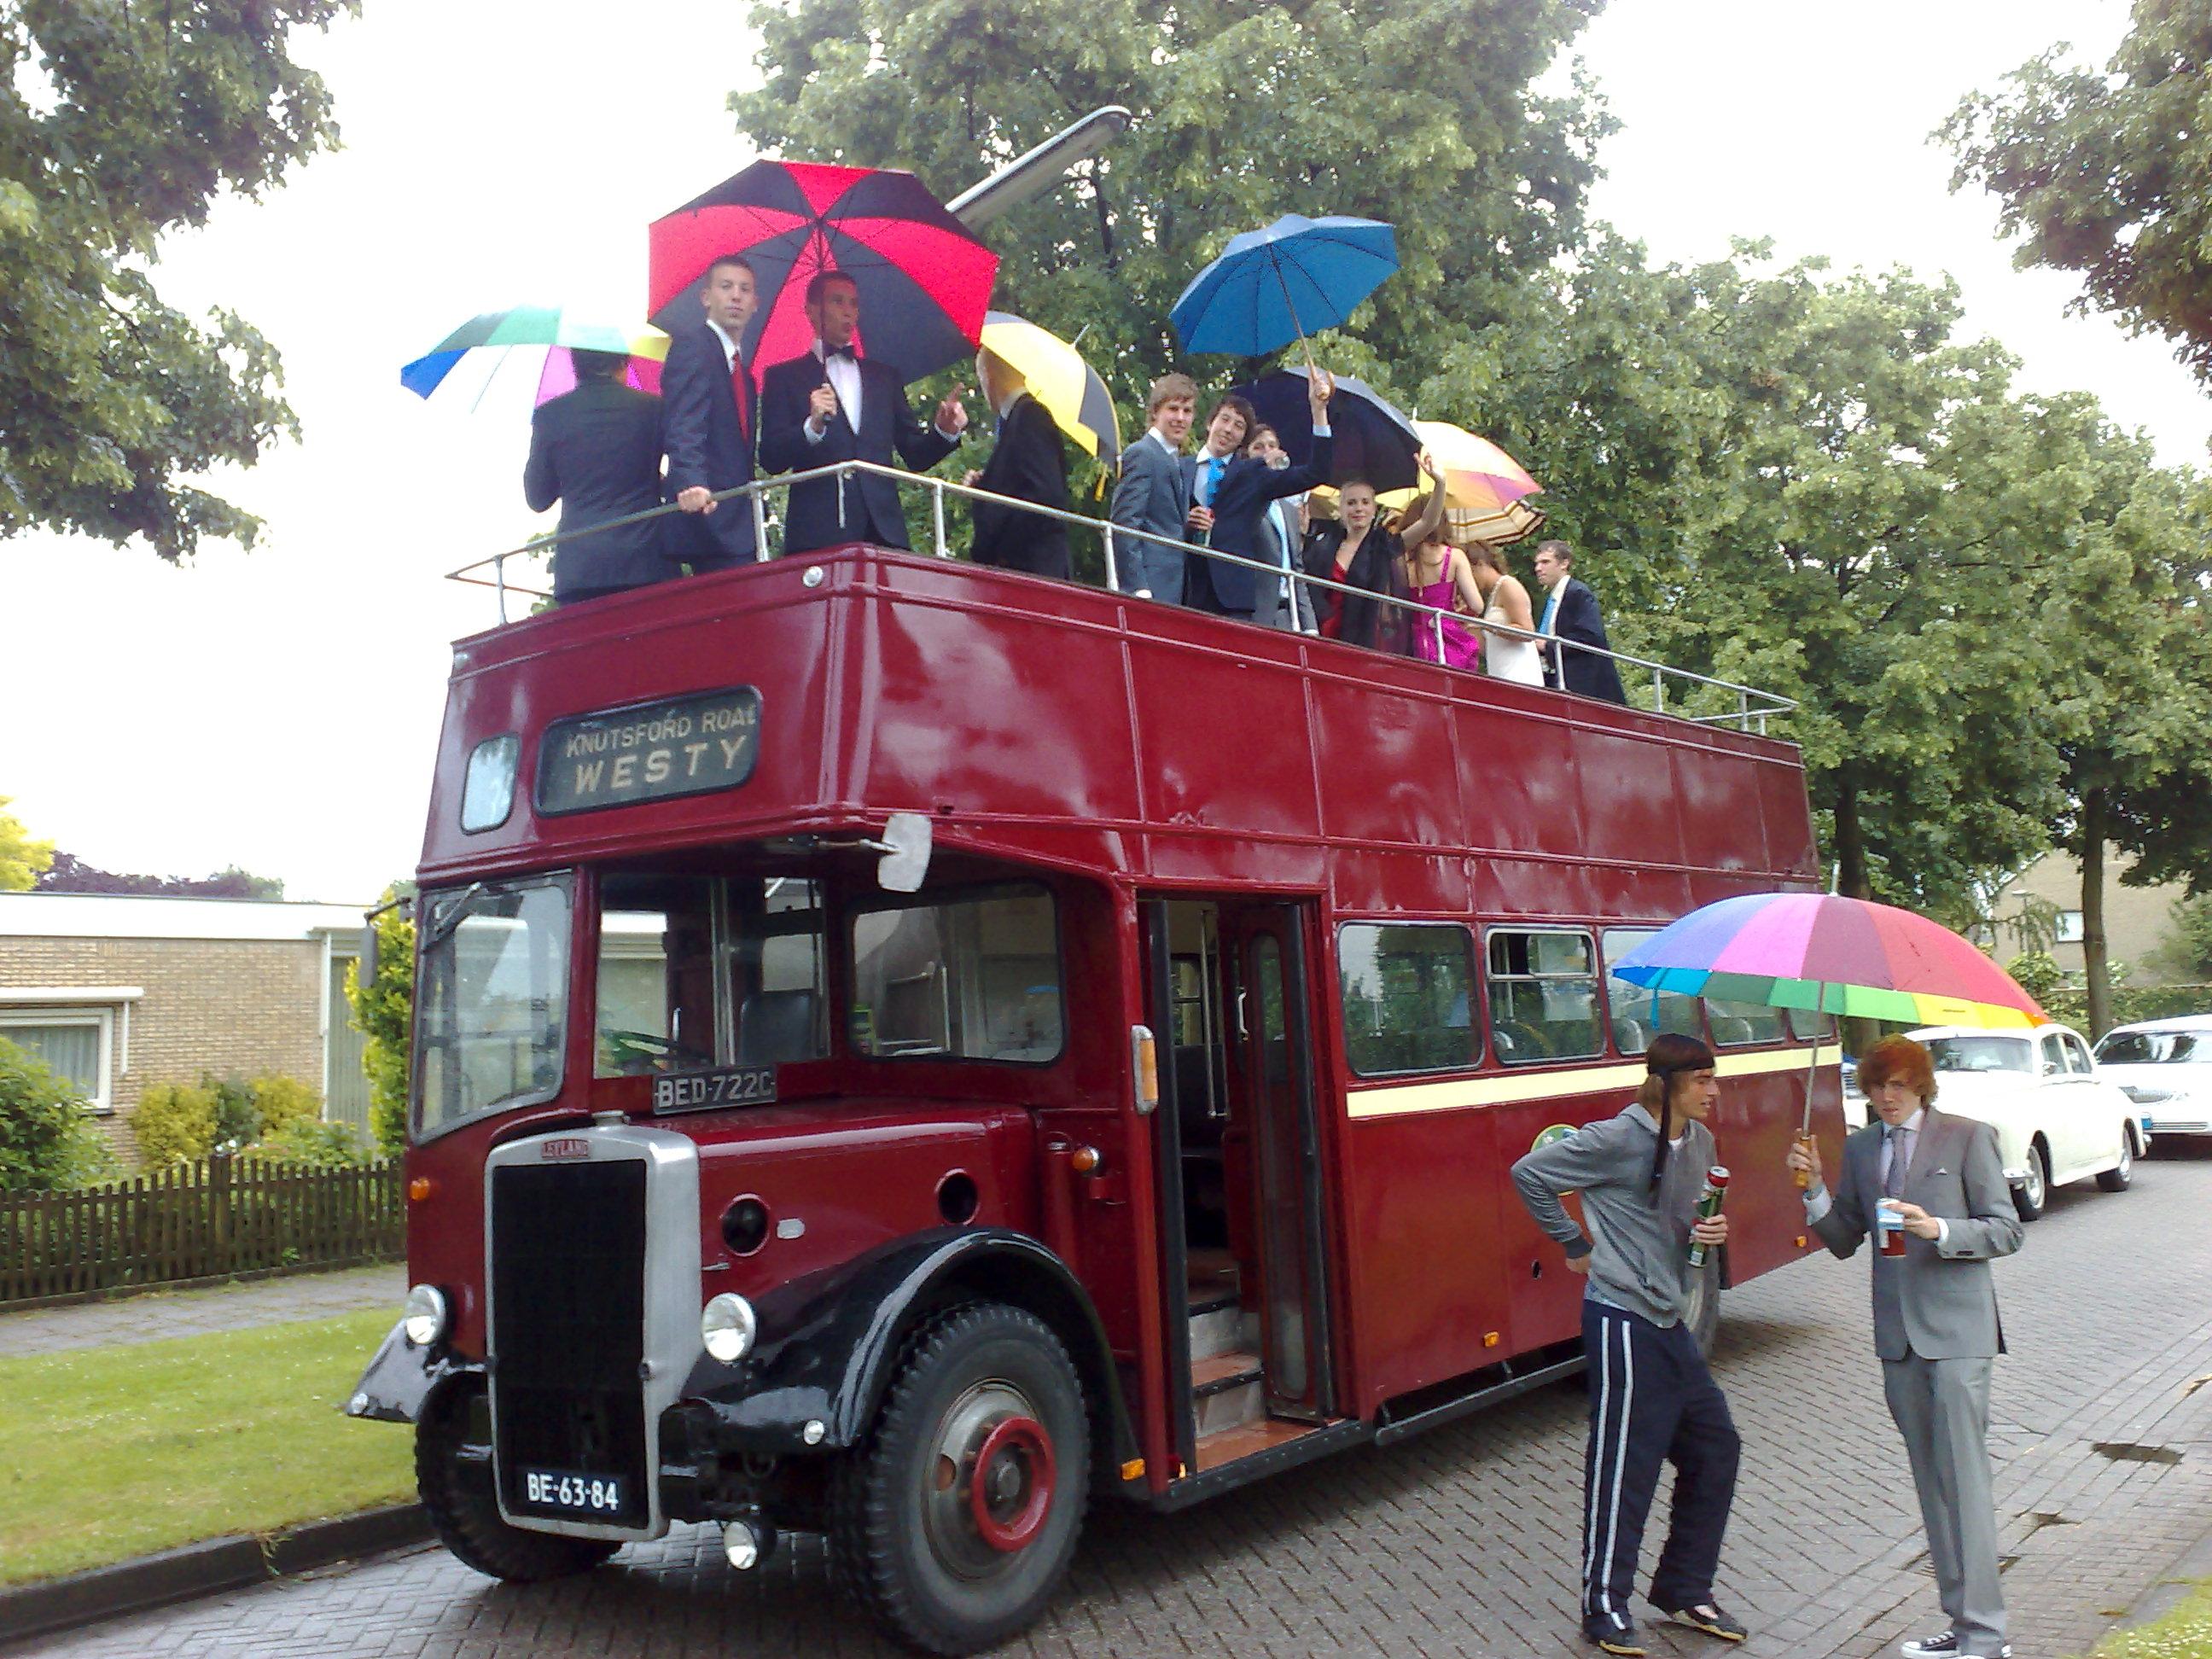 Gala vervoer 10 personen